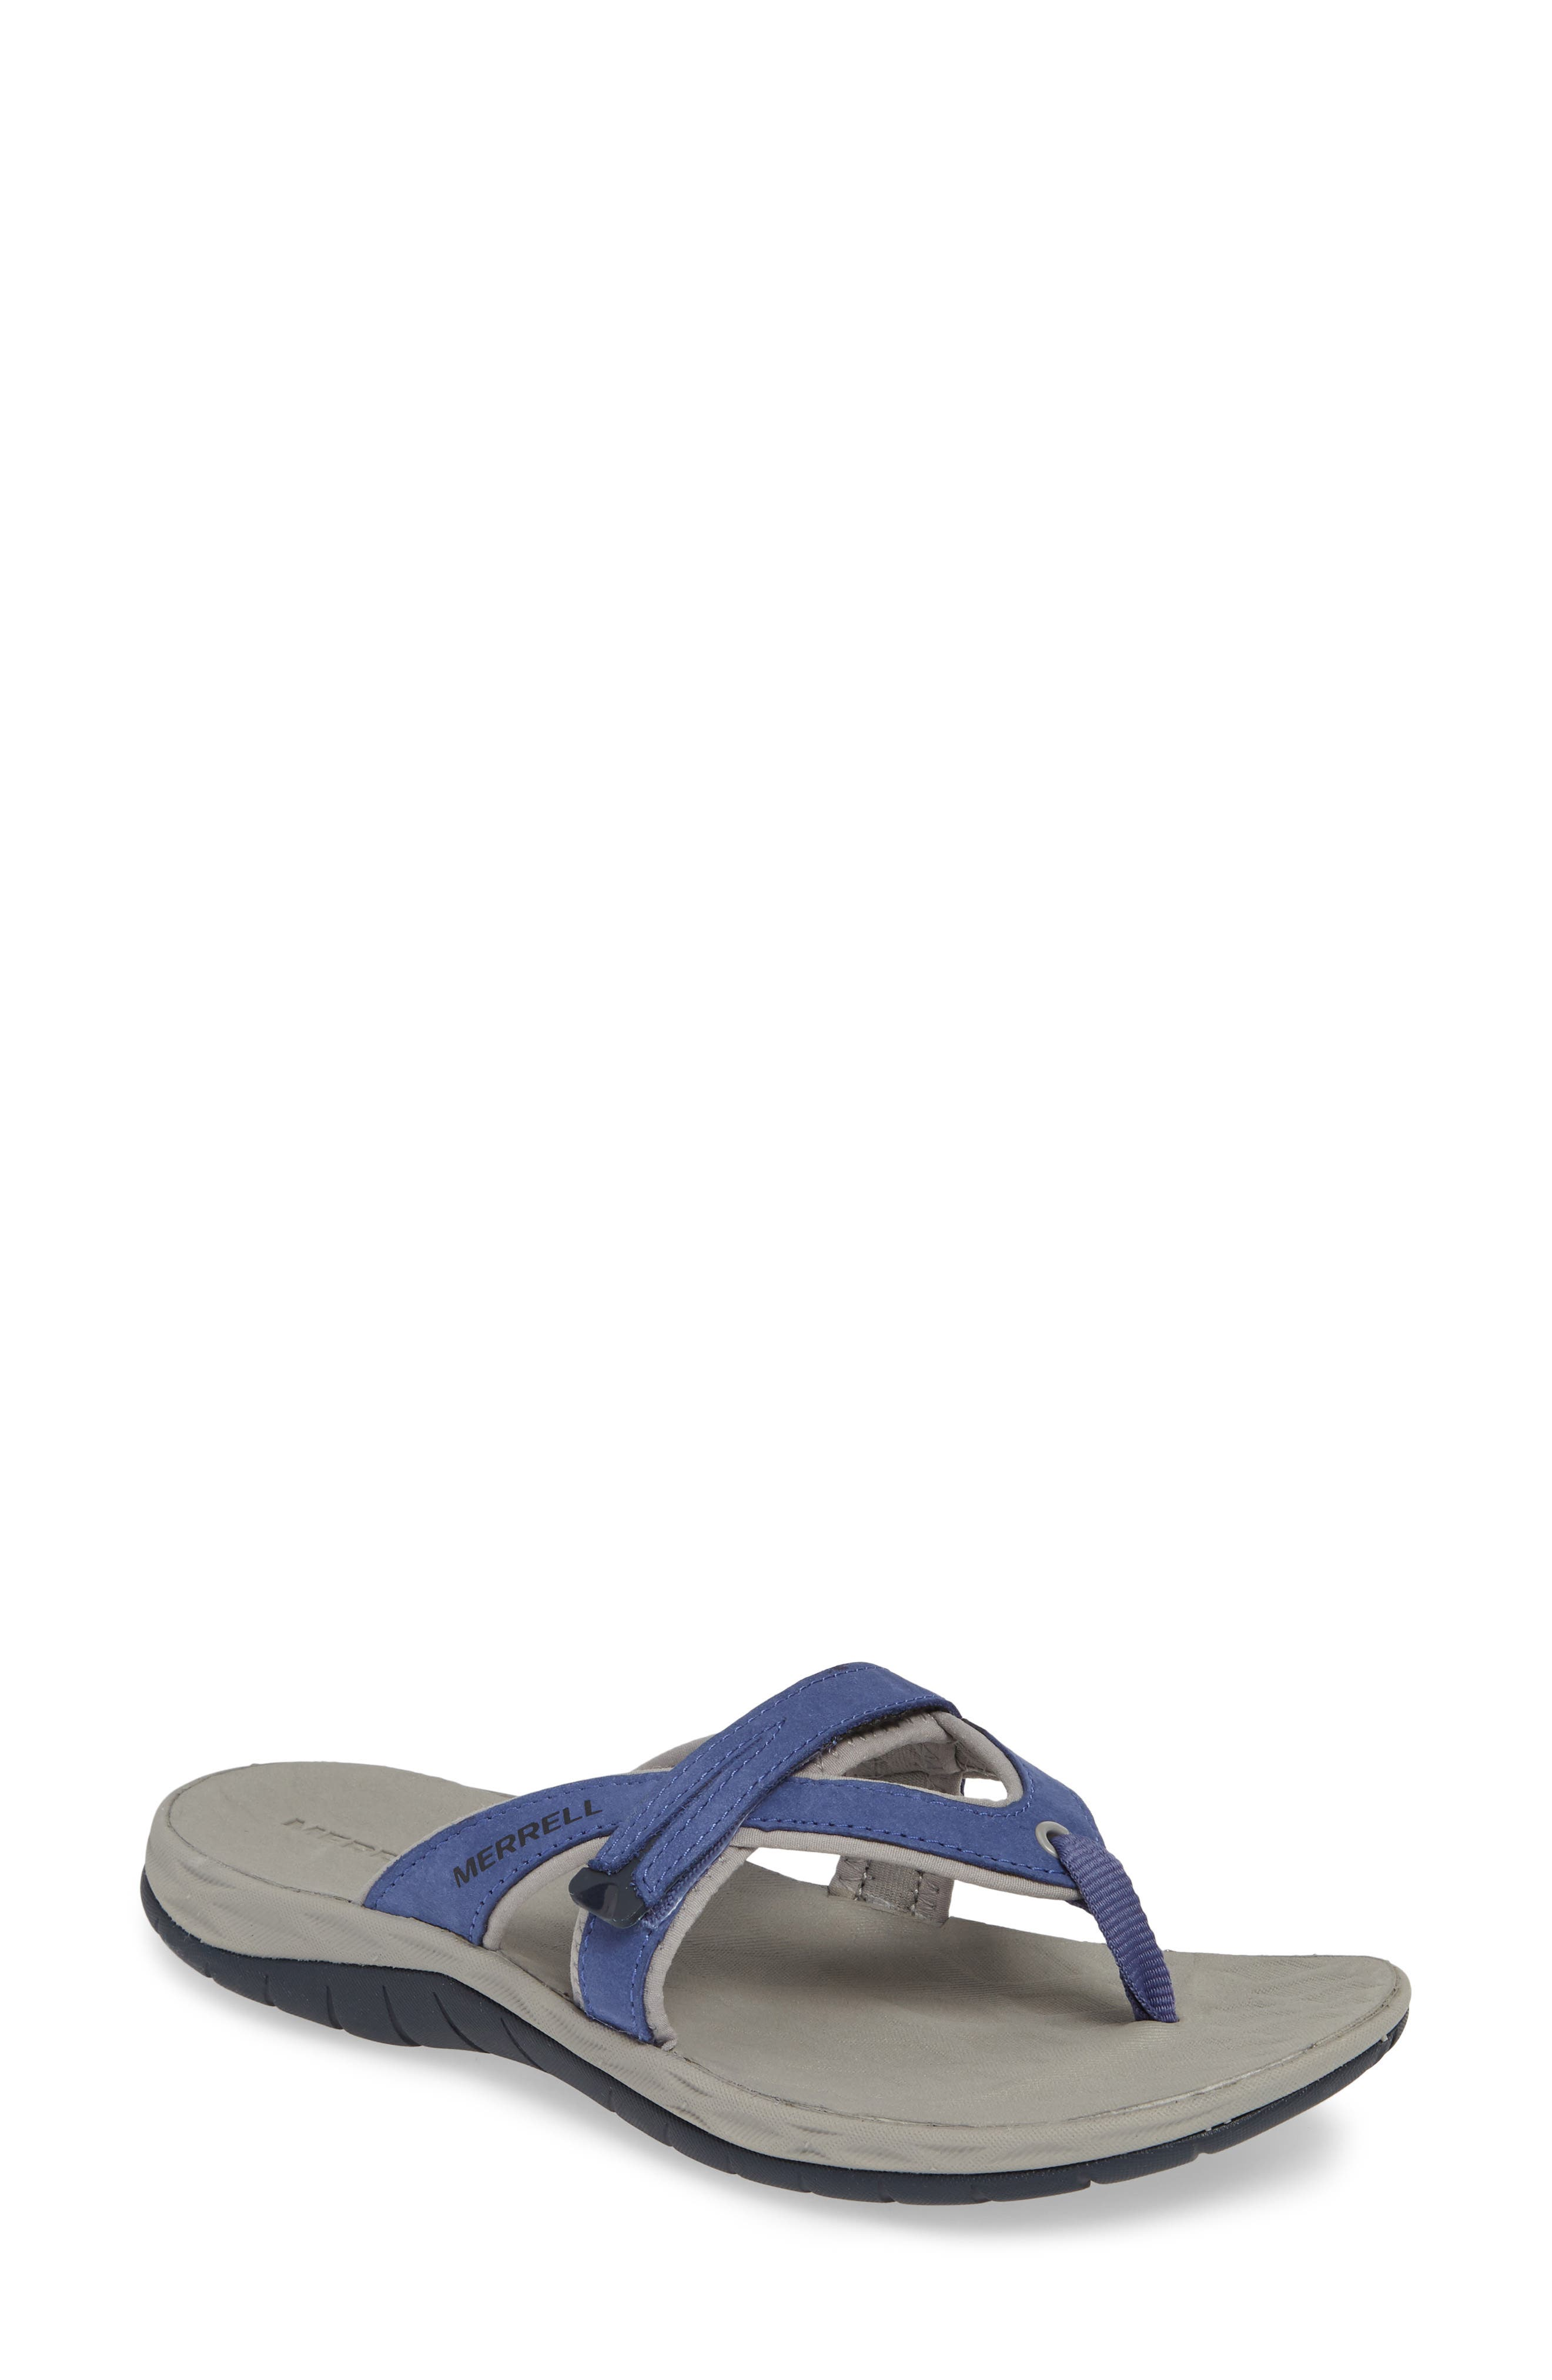 6f66da6f400 Women s Merrell Flip-Flops   Thong Sandals